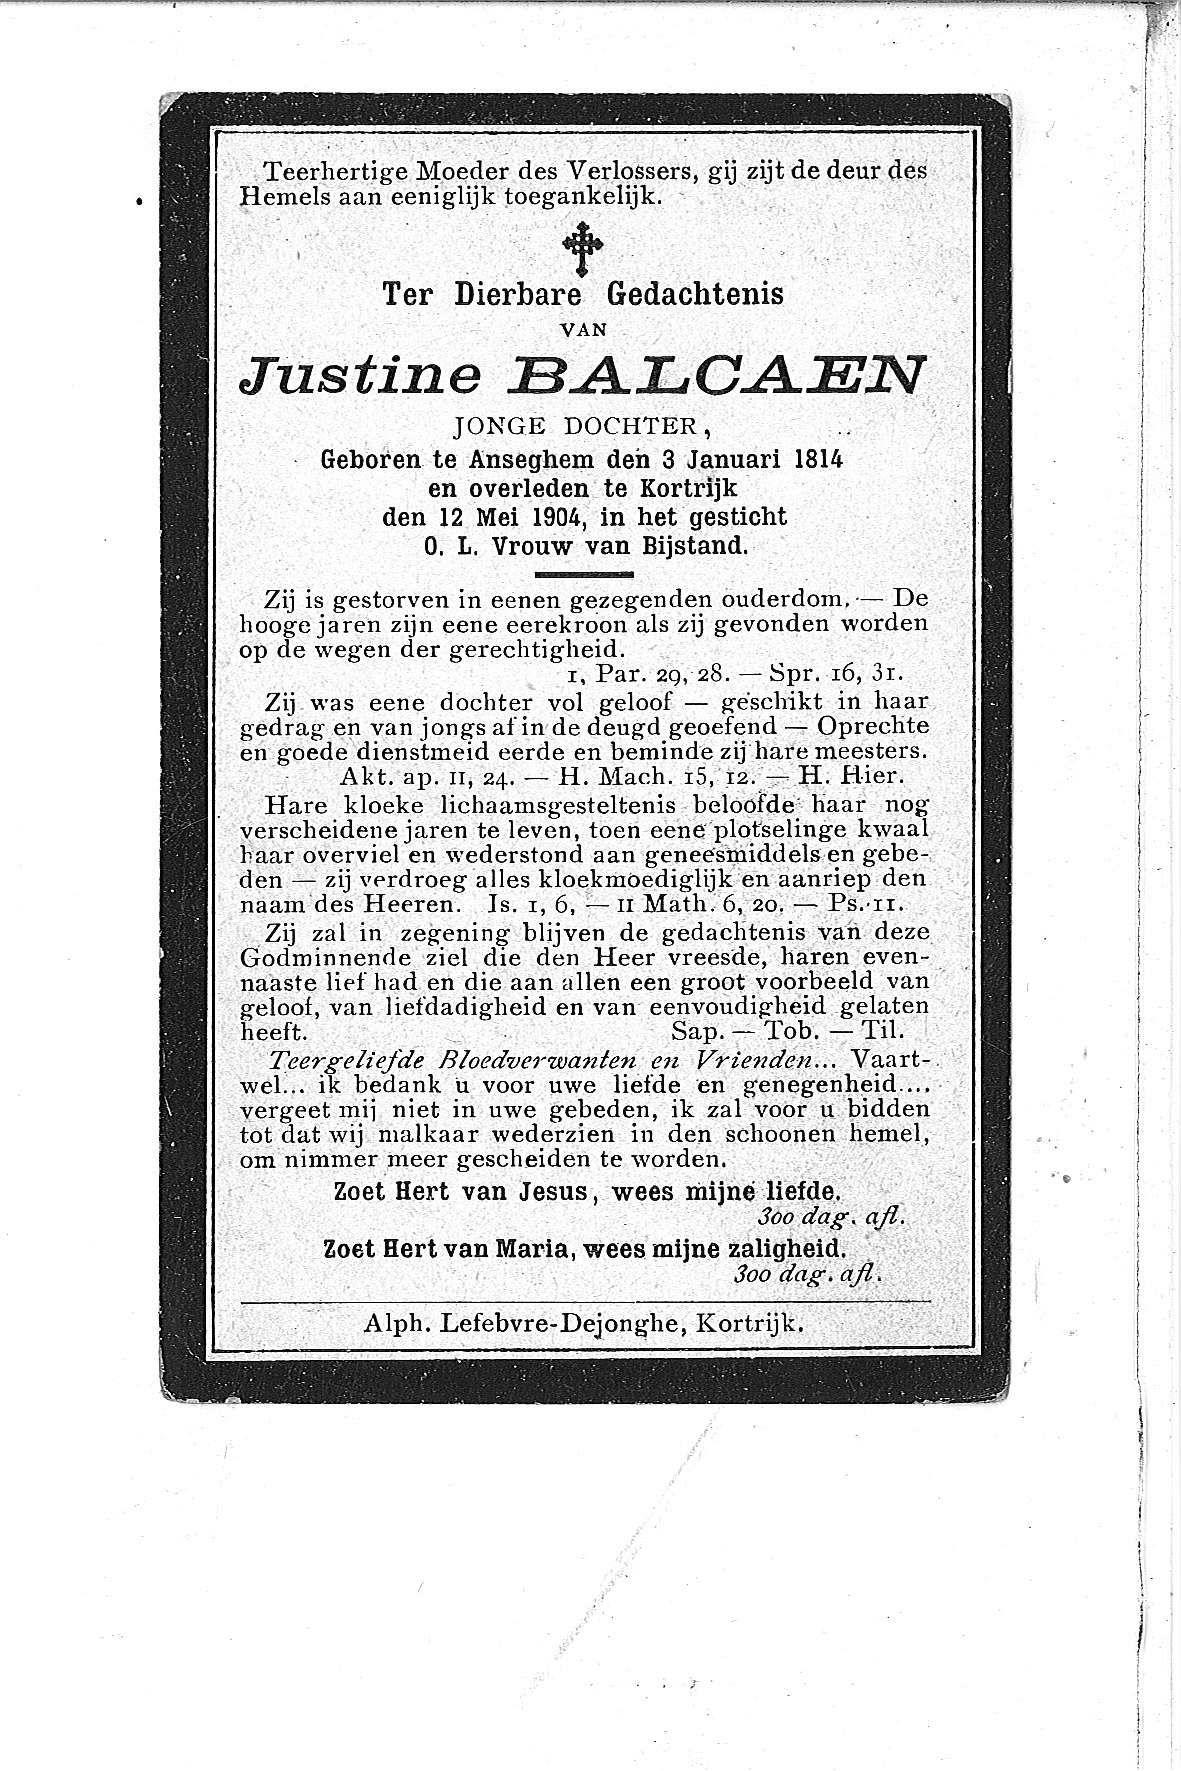 Justine(1904)20101007092231_00005.jpg